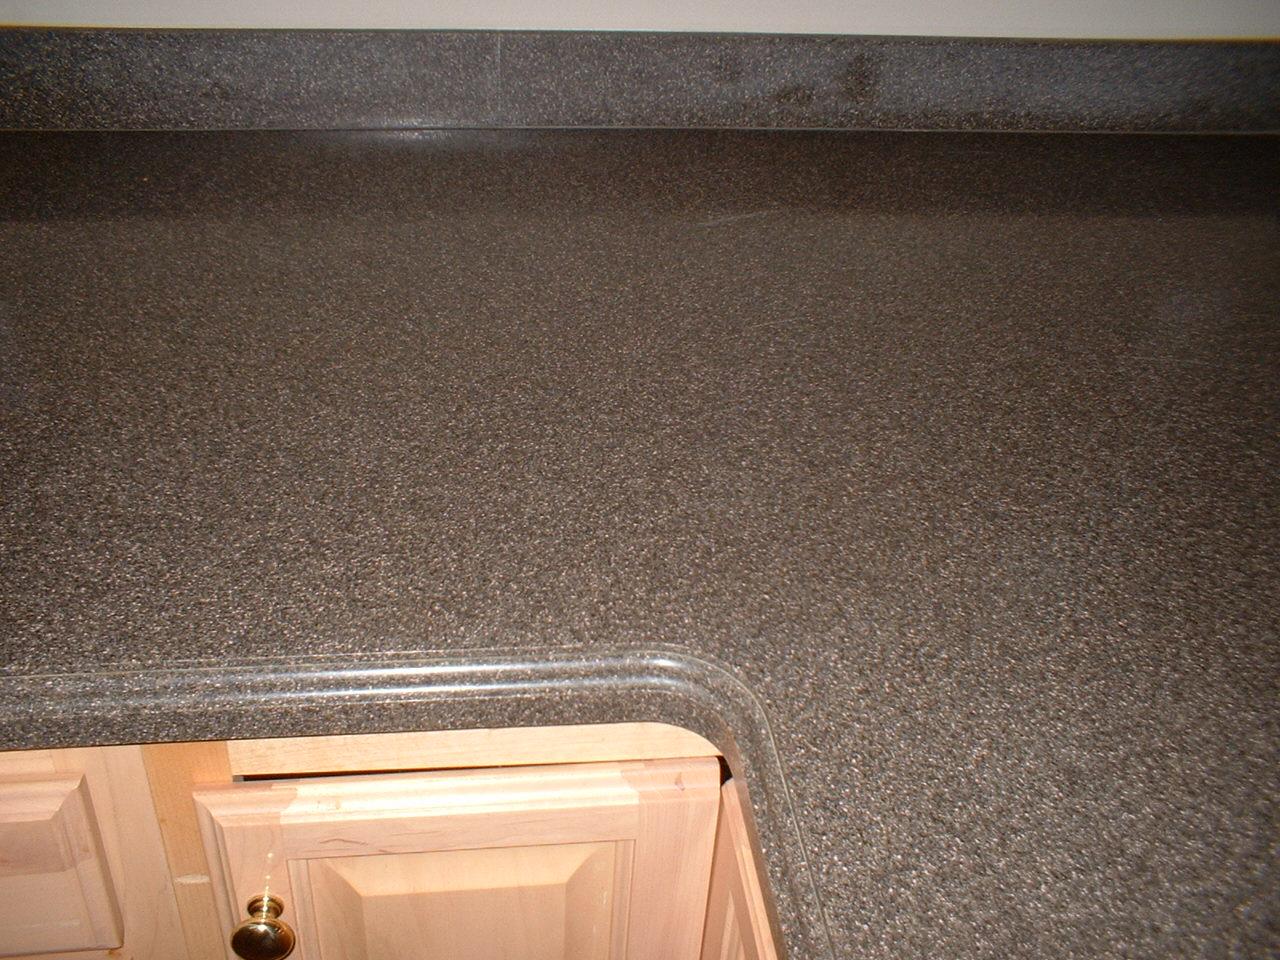 Countertop Repair : ... Countertop Repair Blog: Cornerstone Countertop Repair. Greensboro NC